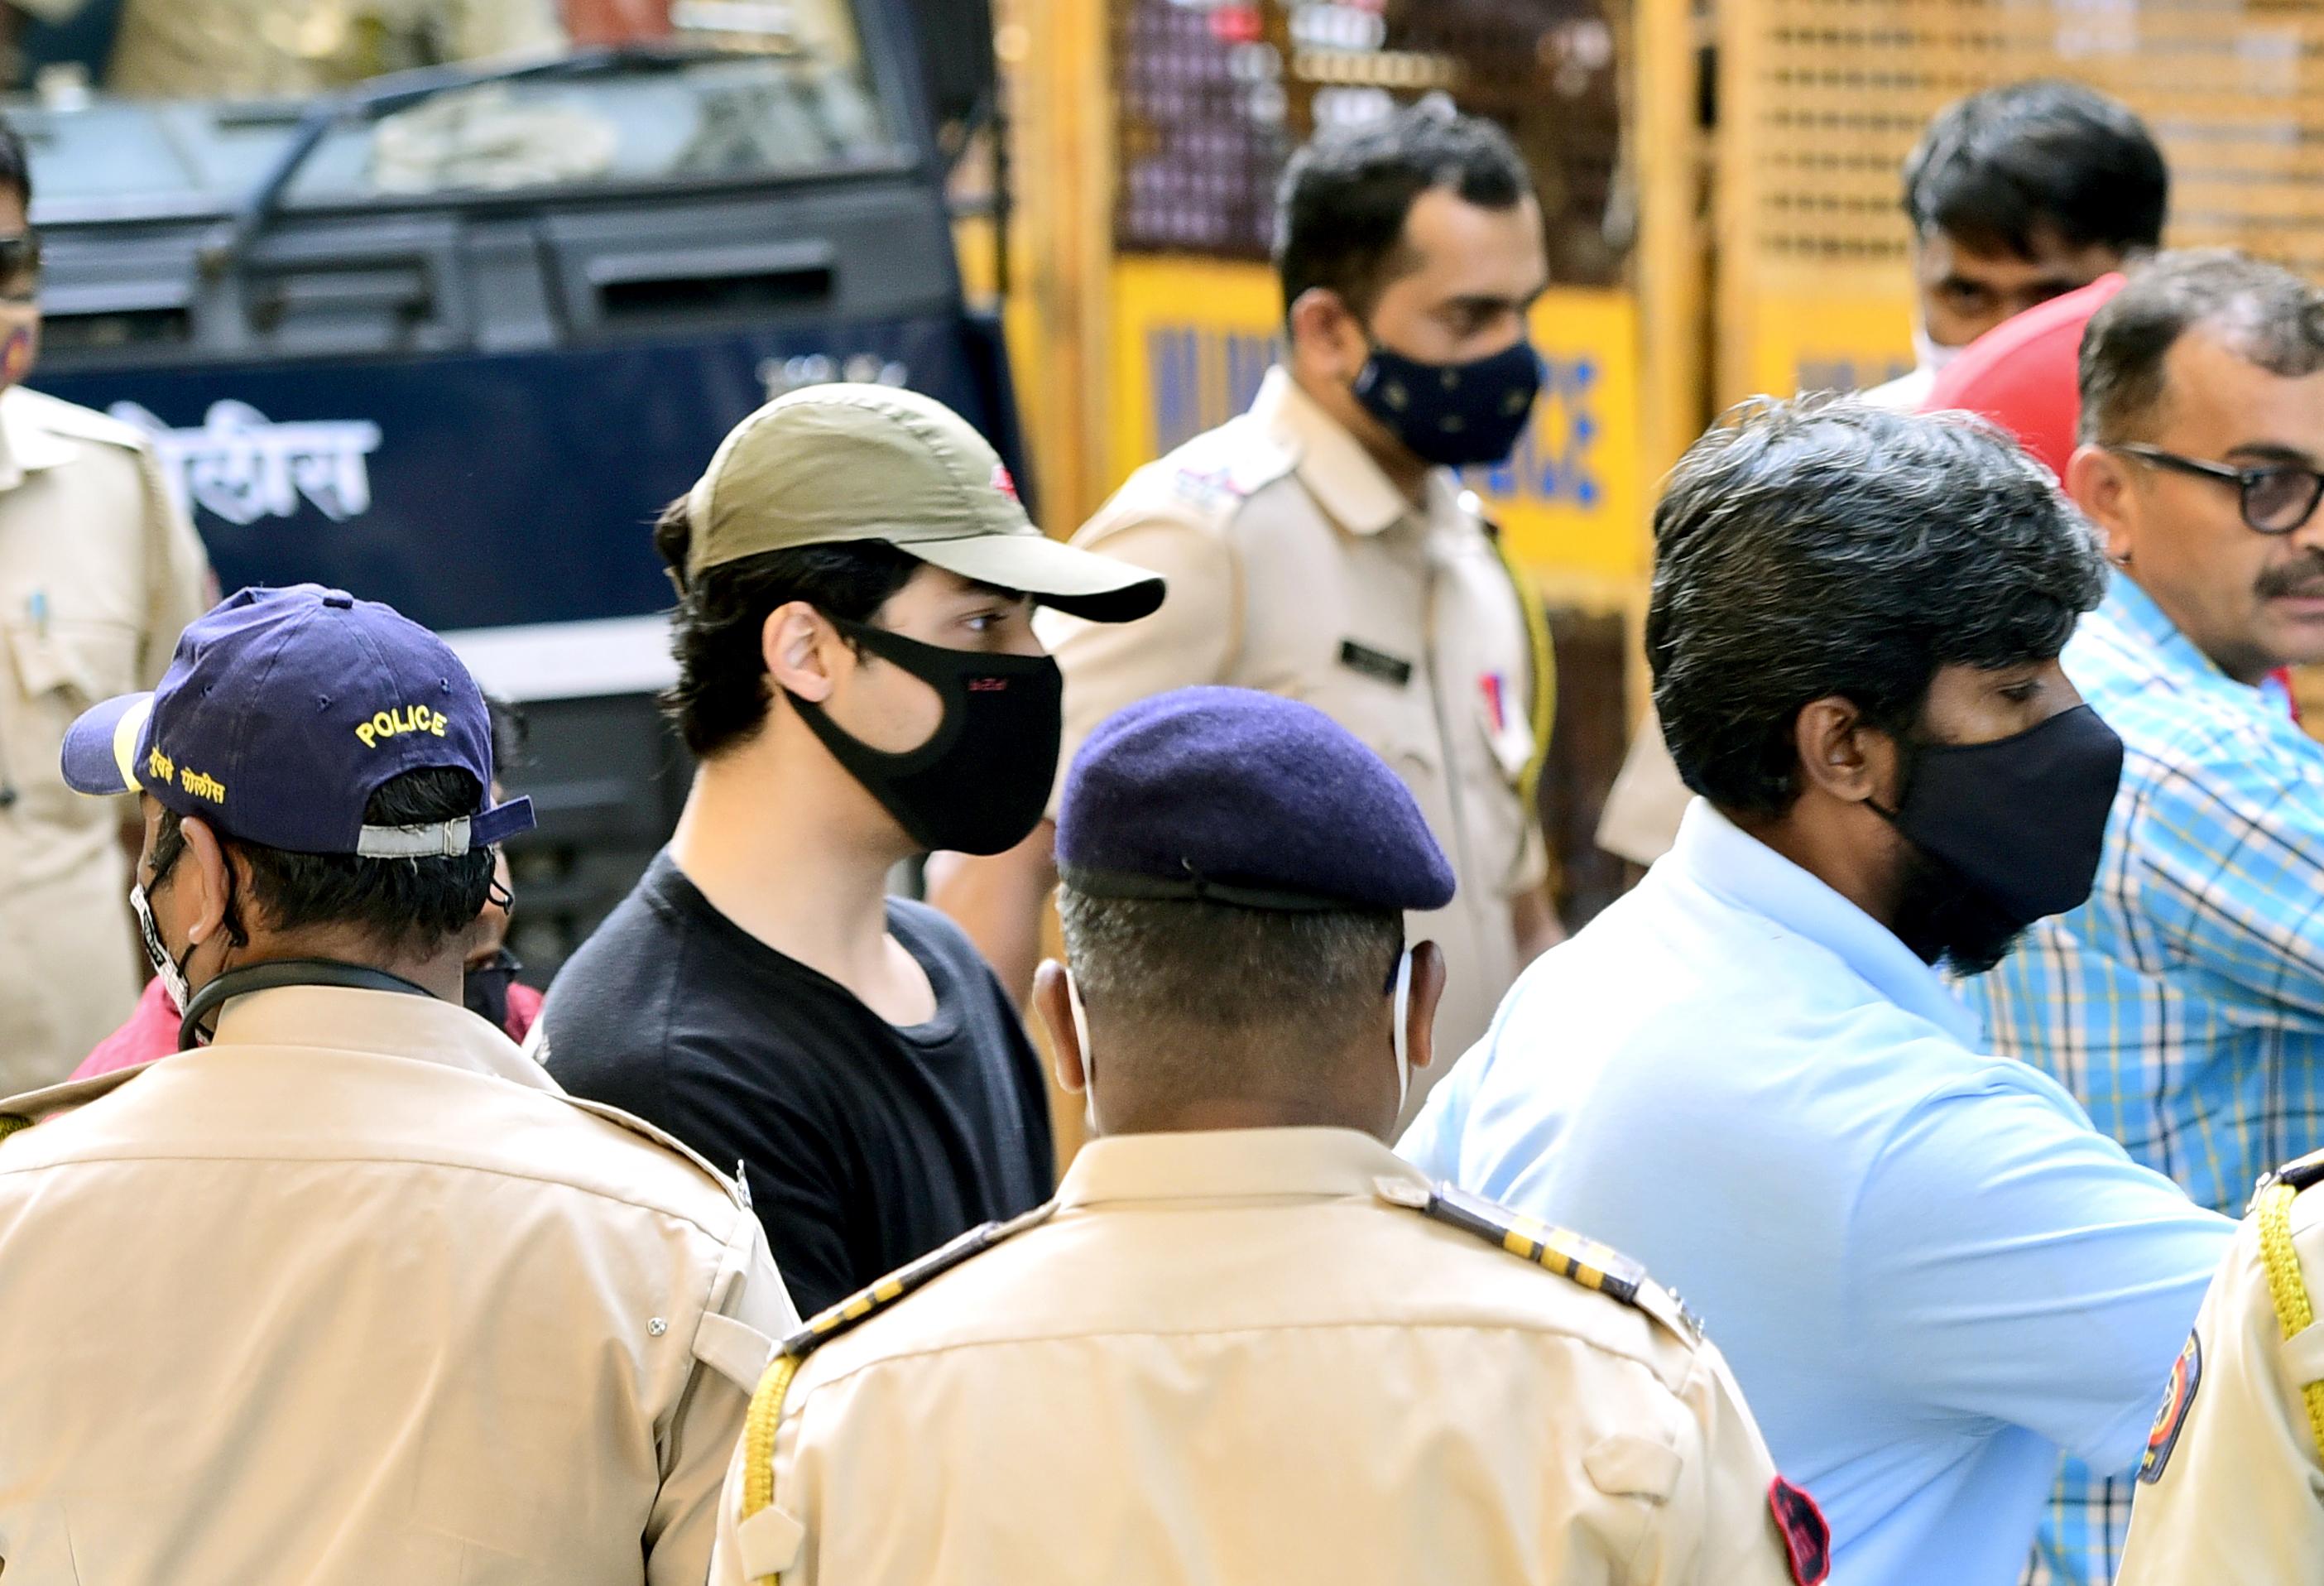 आर्यन को मिलेगी बेल या फिर जाएंगे जेल पर फैसला आज, अदालत में वकील ने दायर की जमानत की दो अर्जी महाराष्ट्र,Maharashtra - Dainik Bhaskar